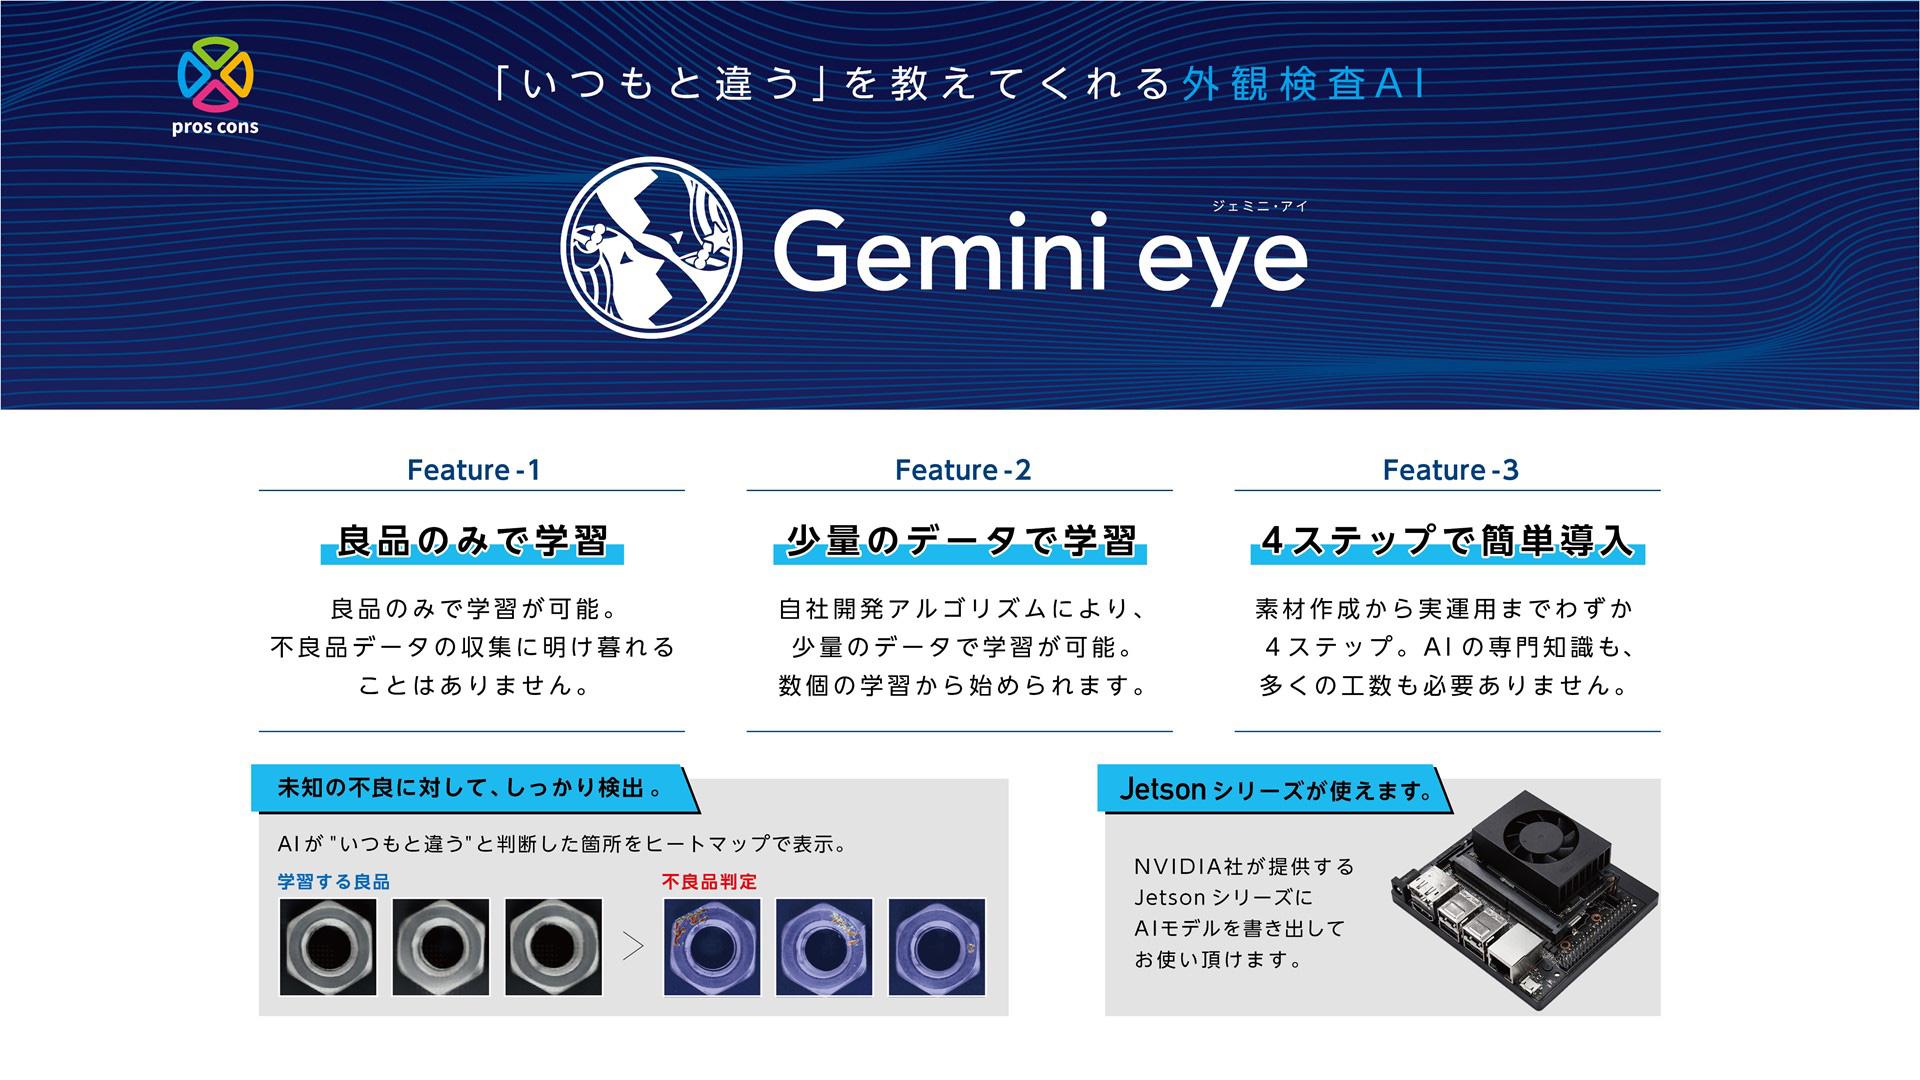 Gemini eye